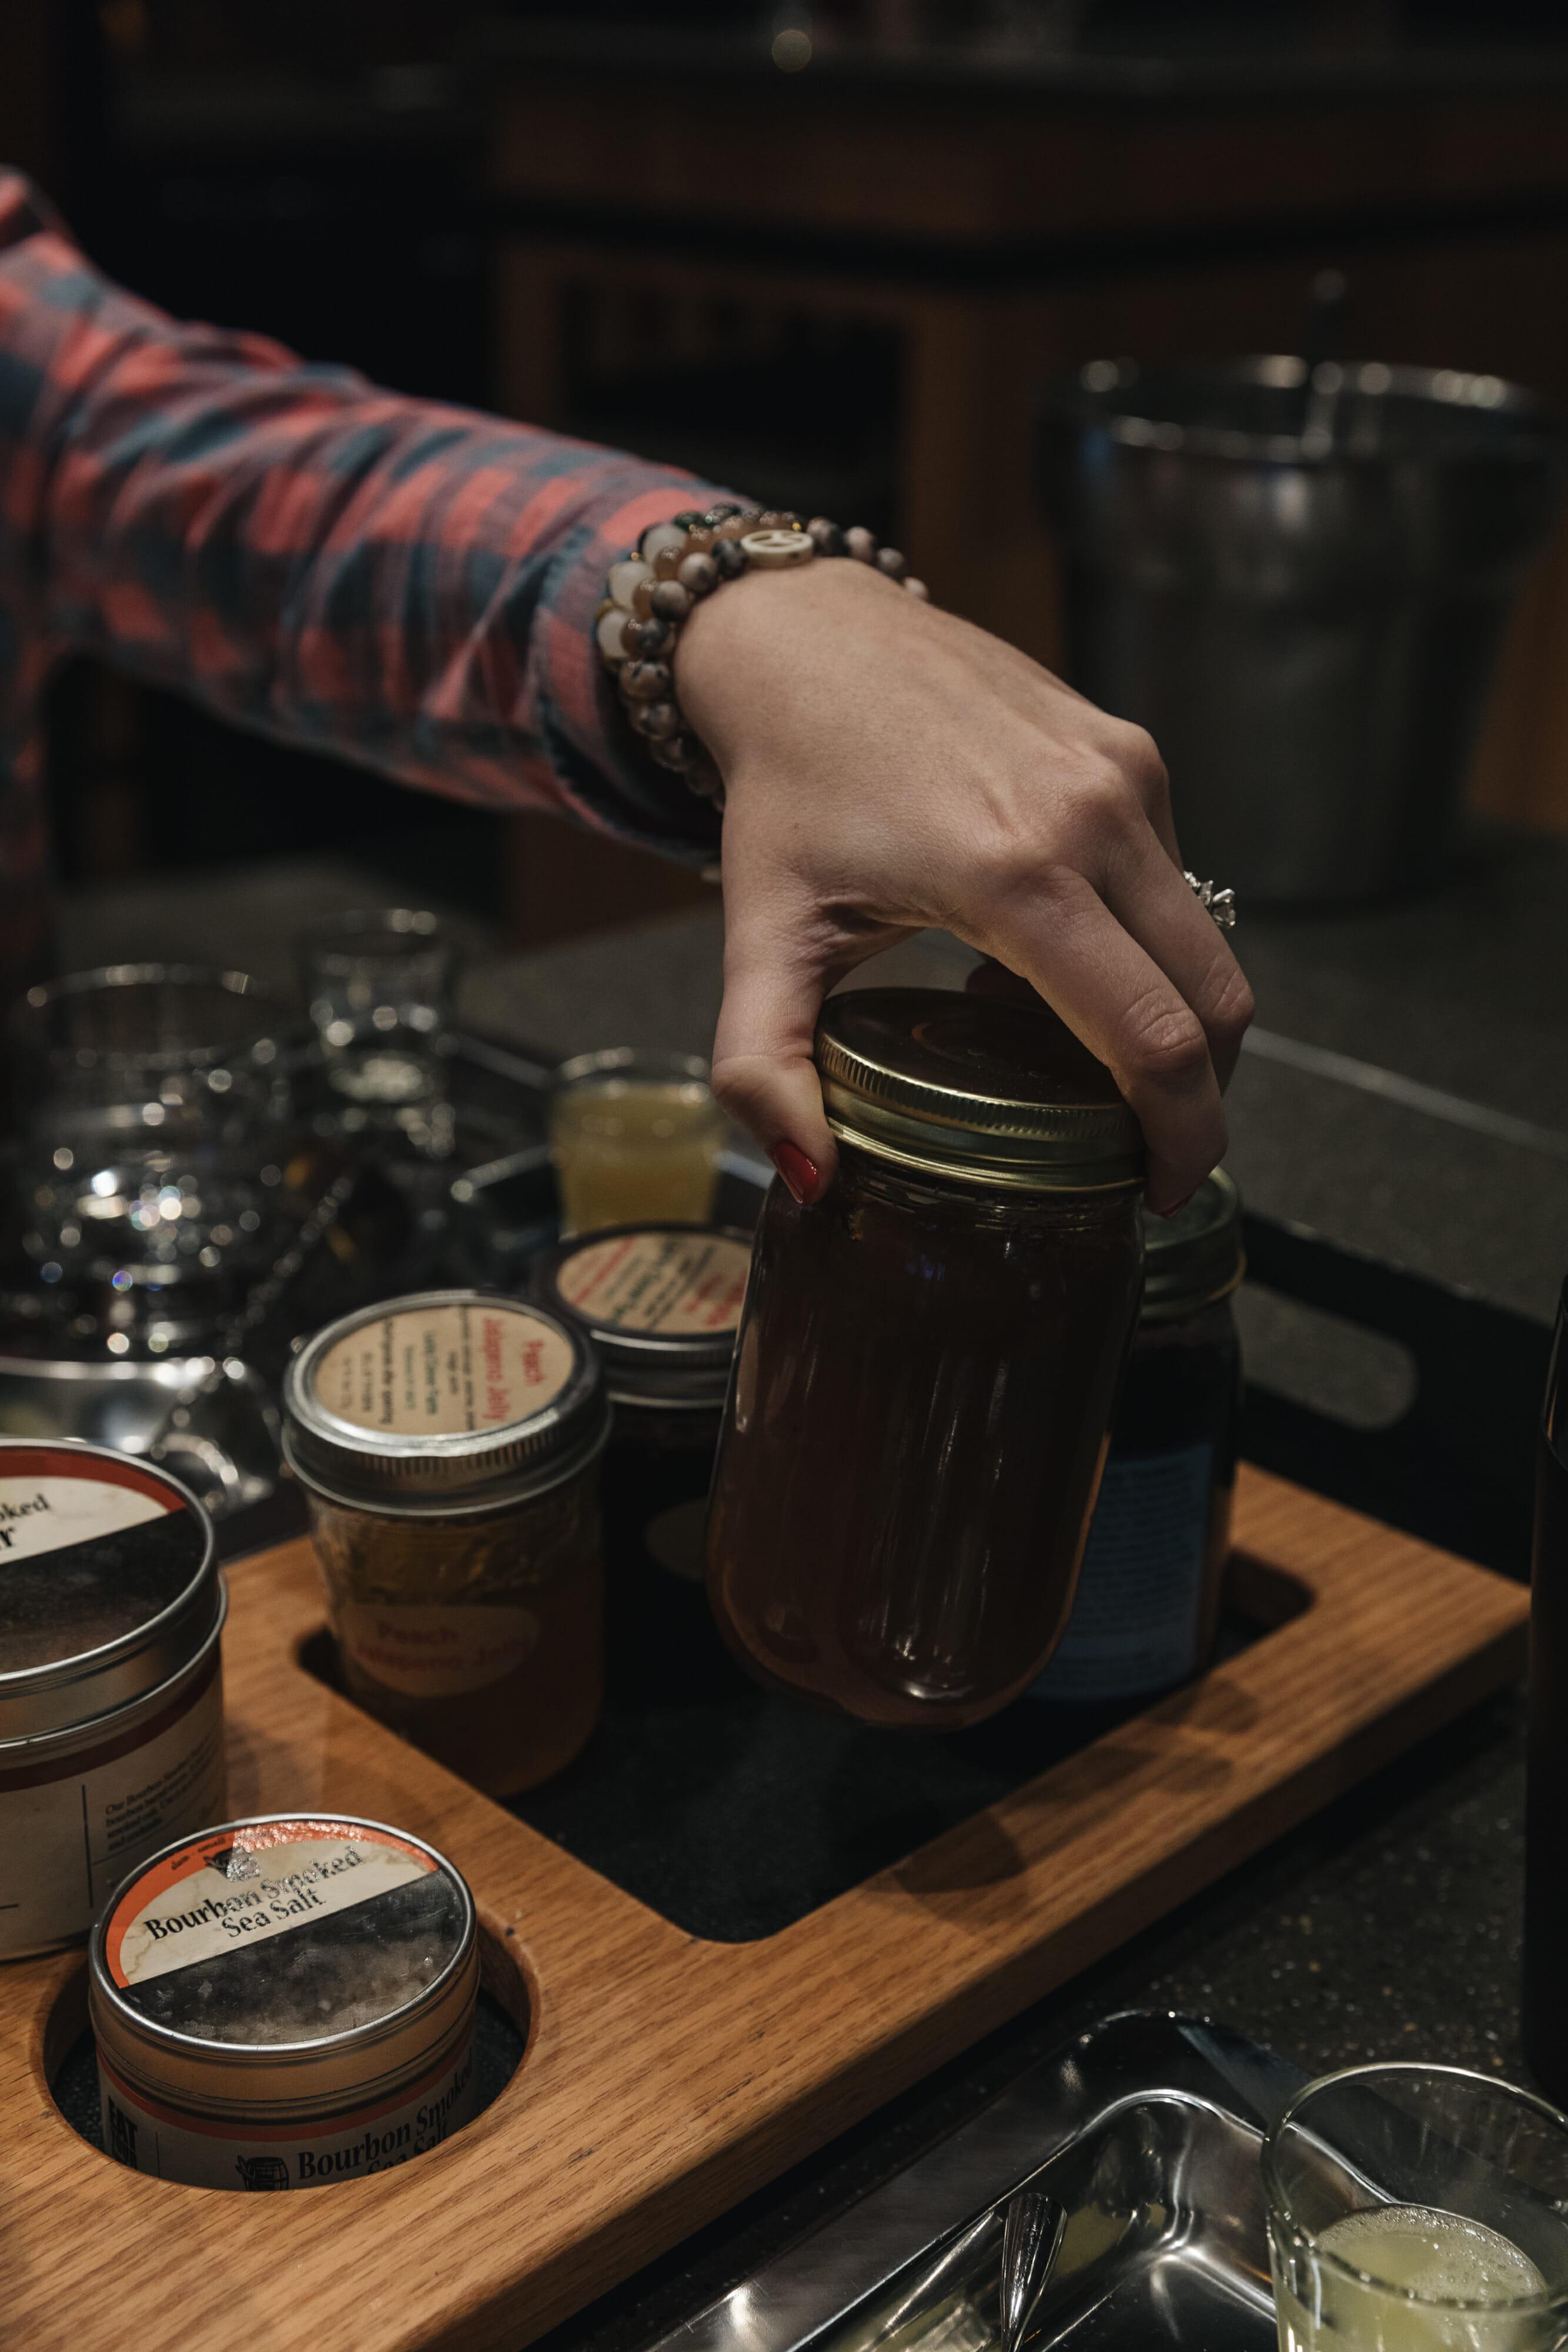 kentucky made jams